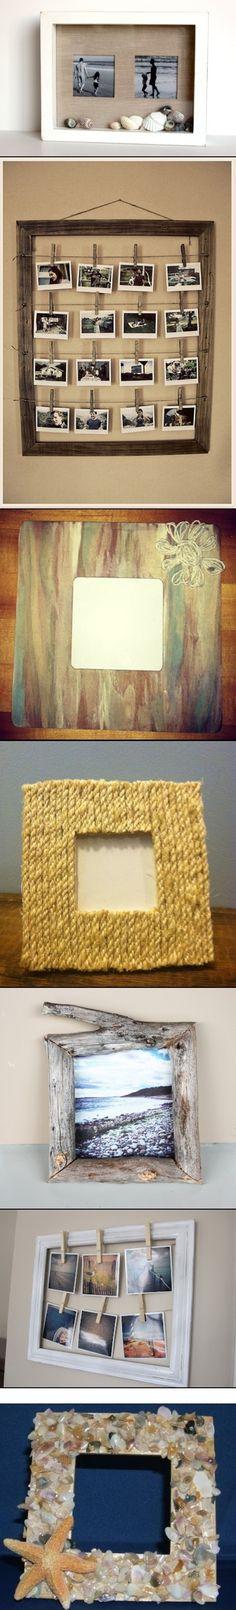 DIY Photo Frame Ideas